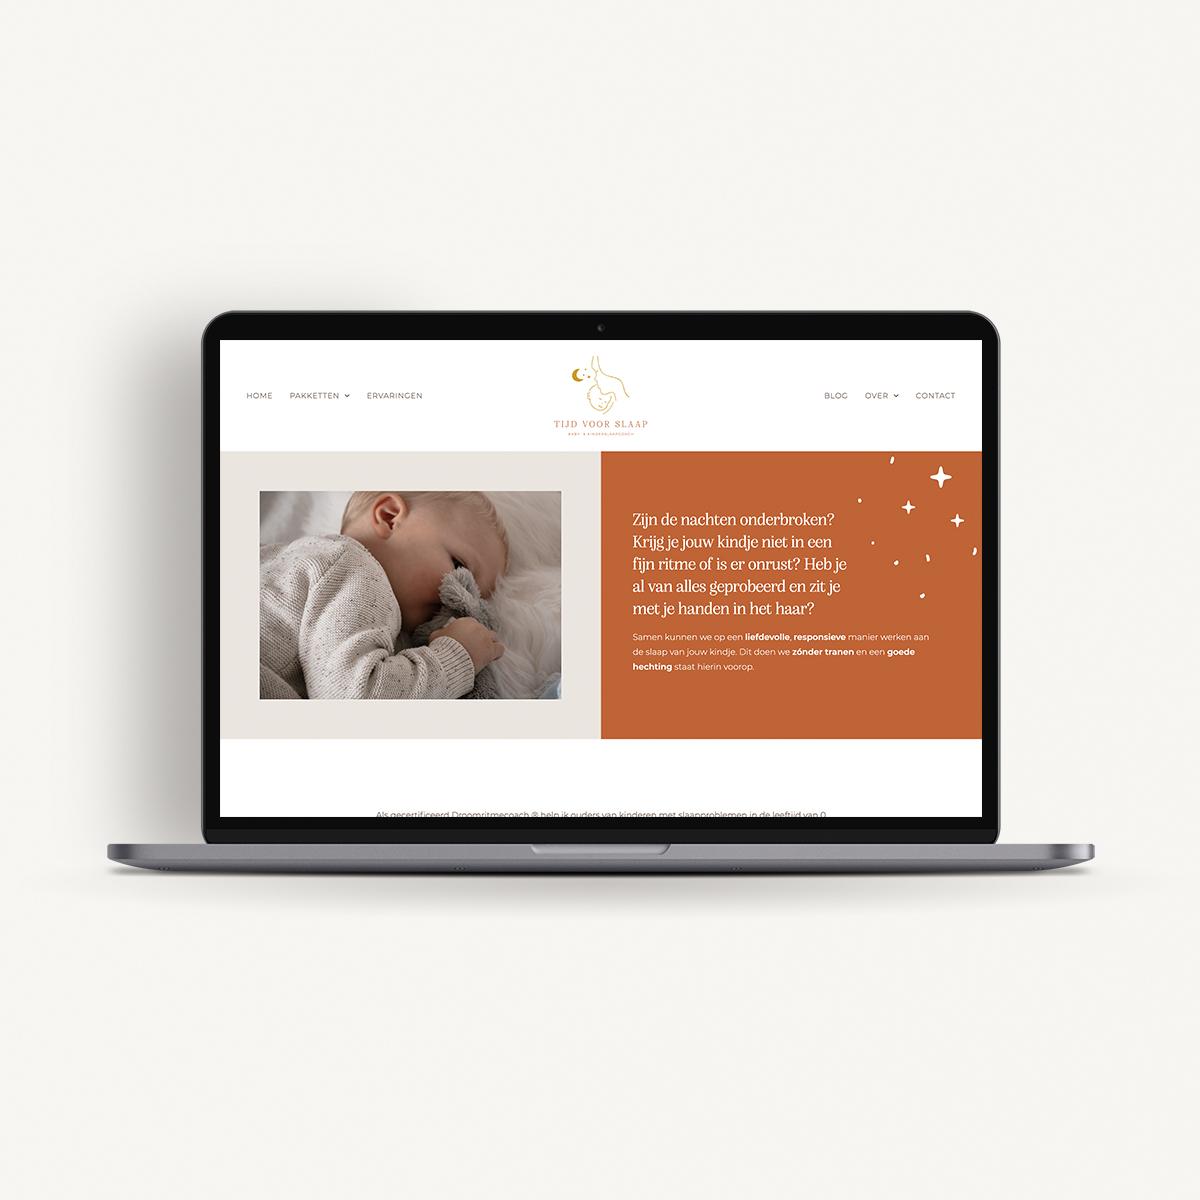 Webdesign: Tijd voor Slaap | Eunoia Studio